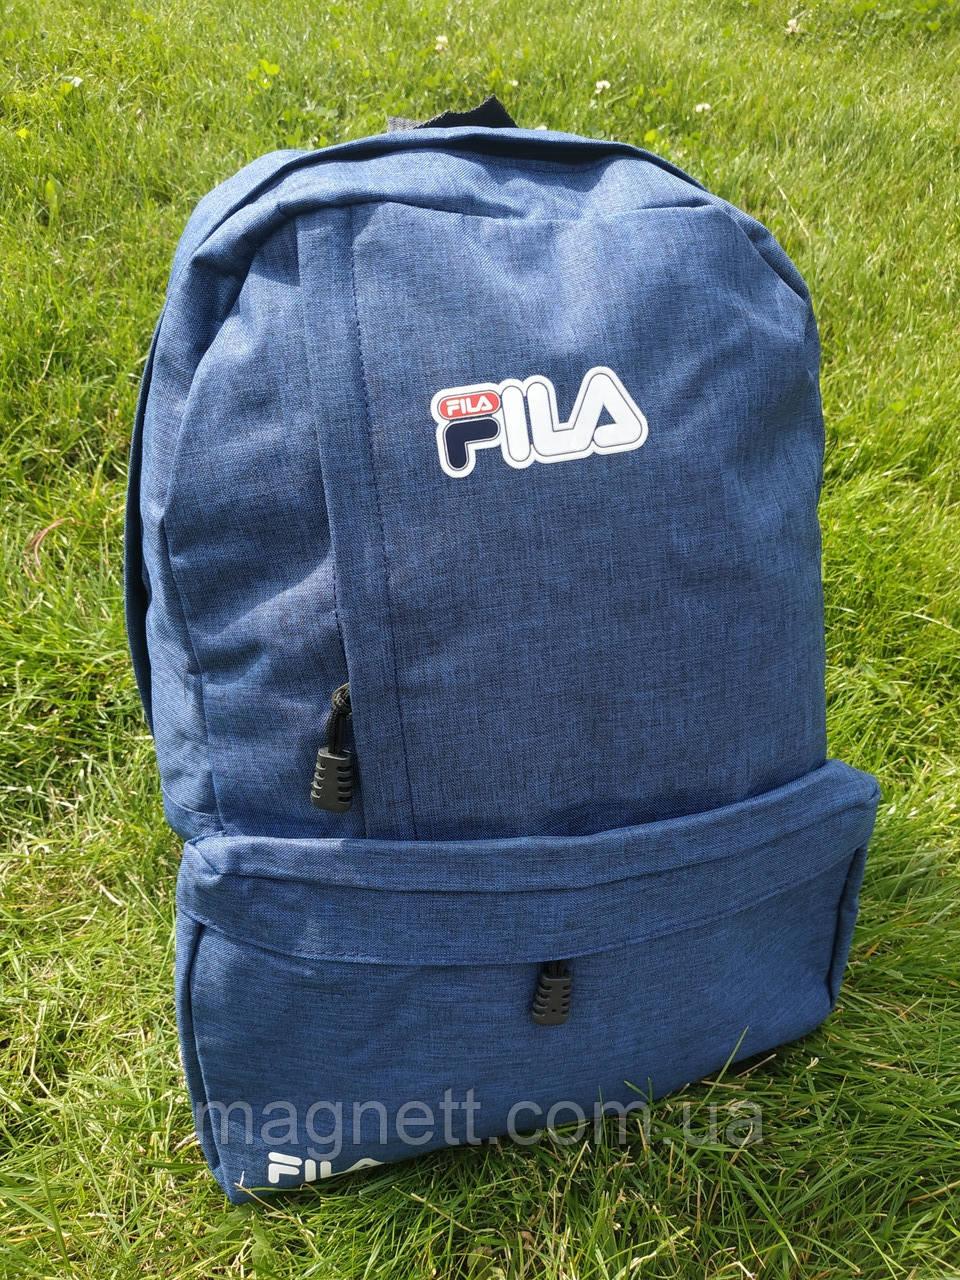 Cпортивный рюкзак FILA. Синий